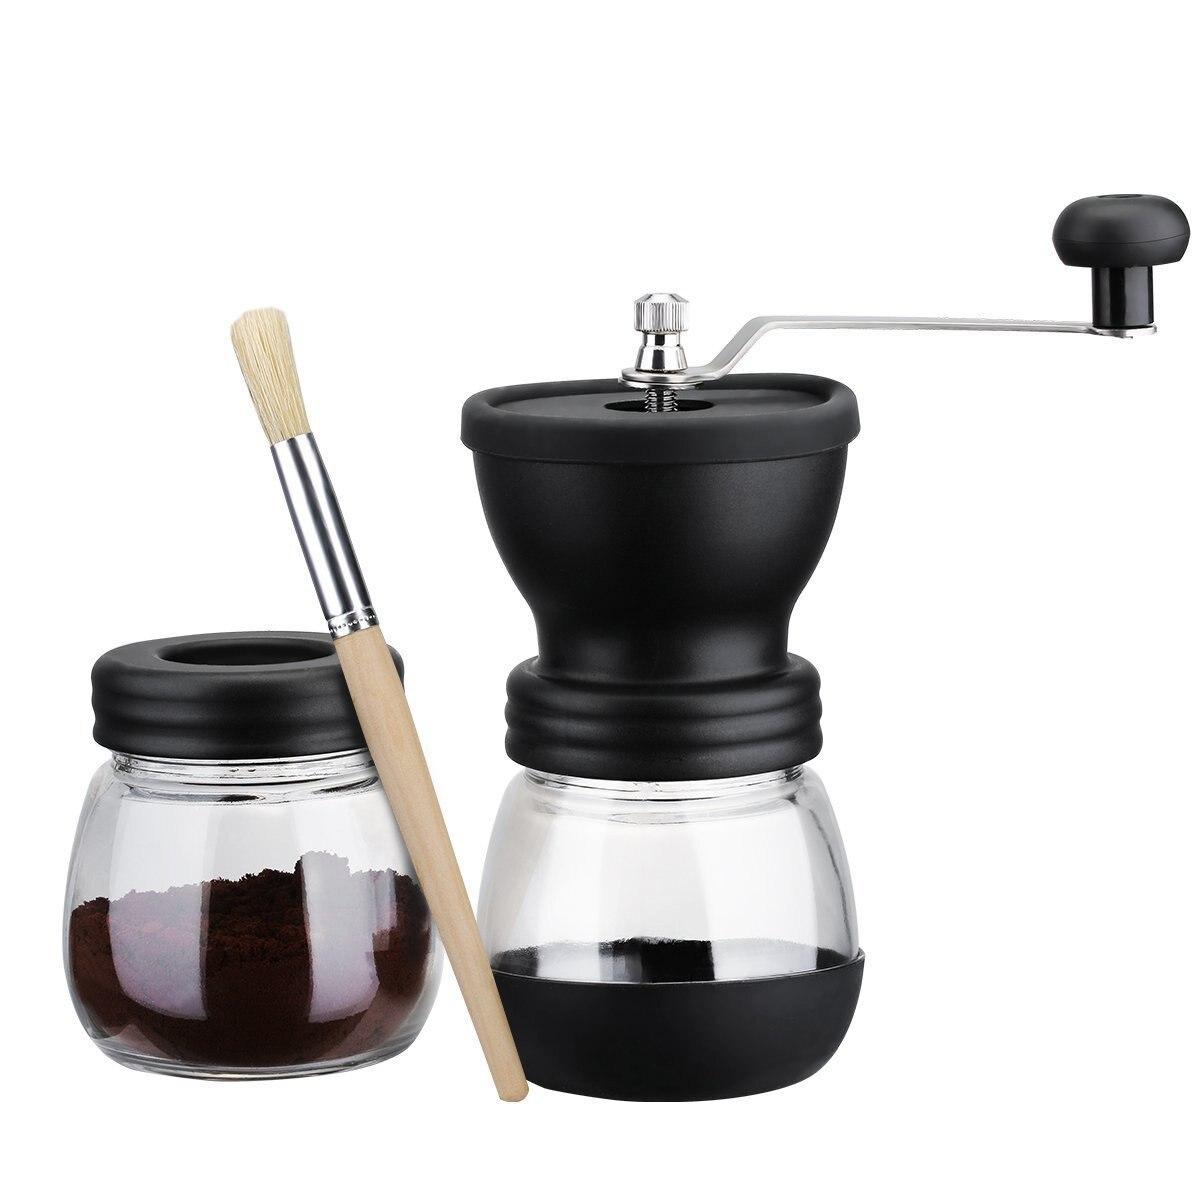 Molinillo de Café Manual caliente con tarro de almacenamiento, cepillo suave, rebaba de cerámica cónica silenciosa y portátil